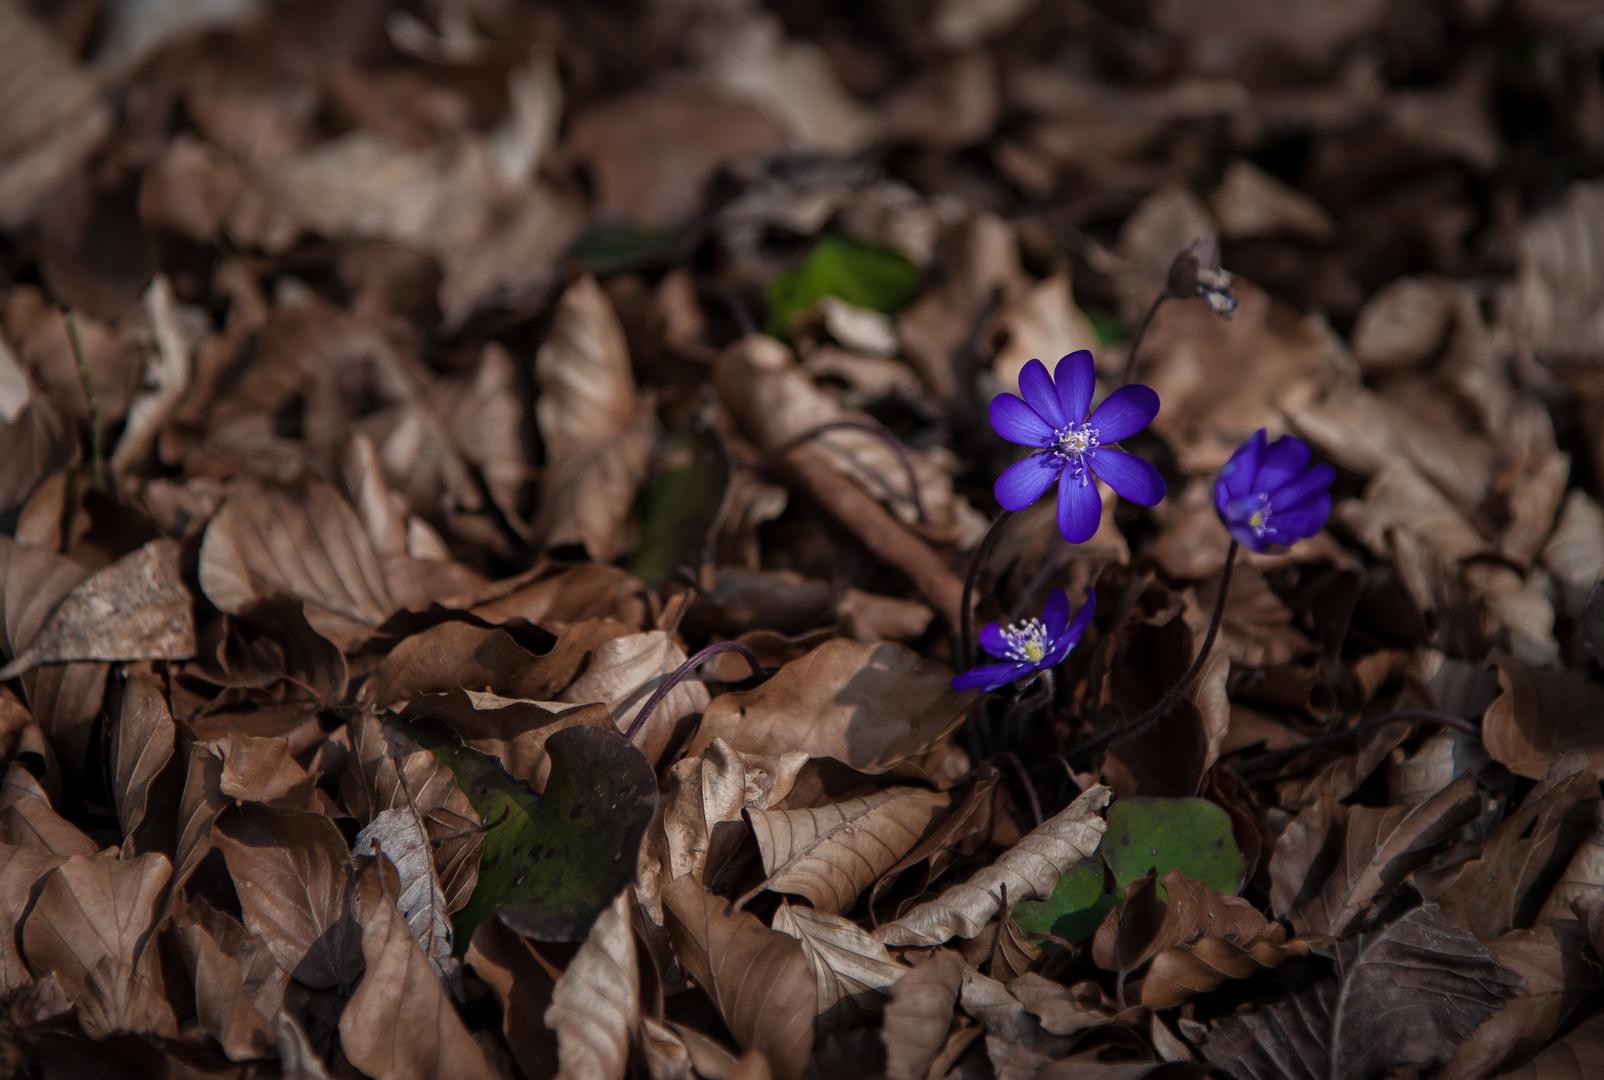 Frühlingsblume im Herbstlaub